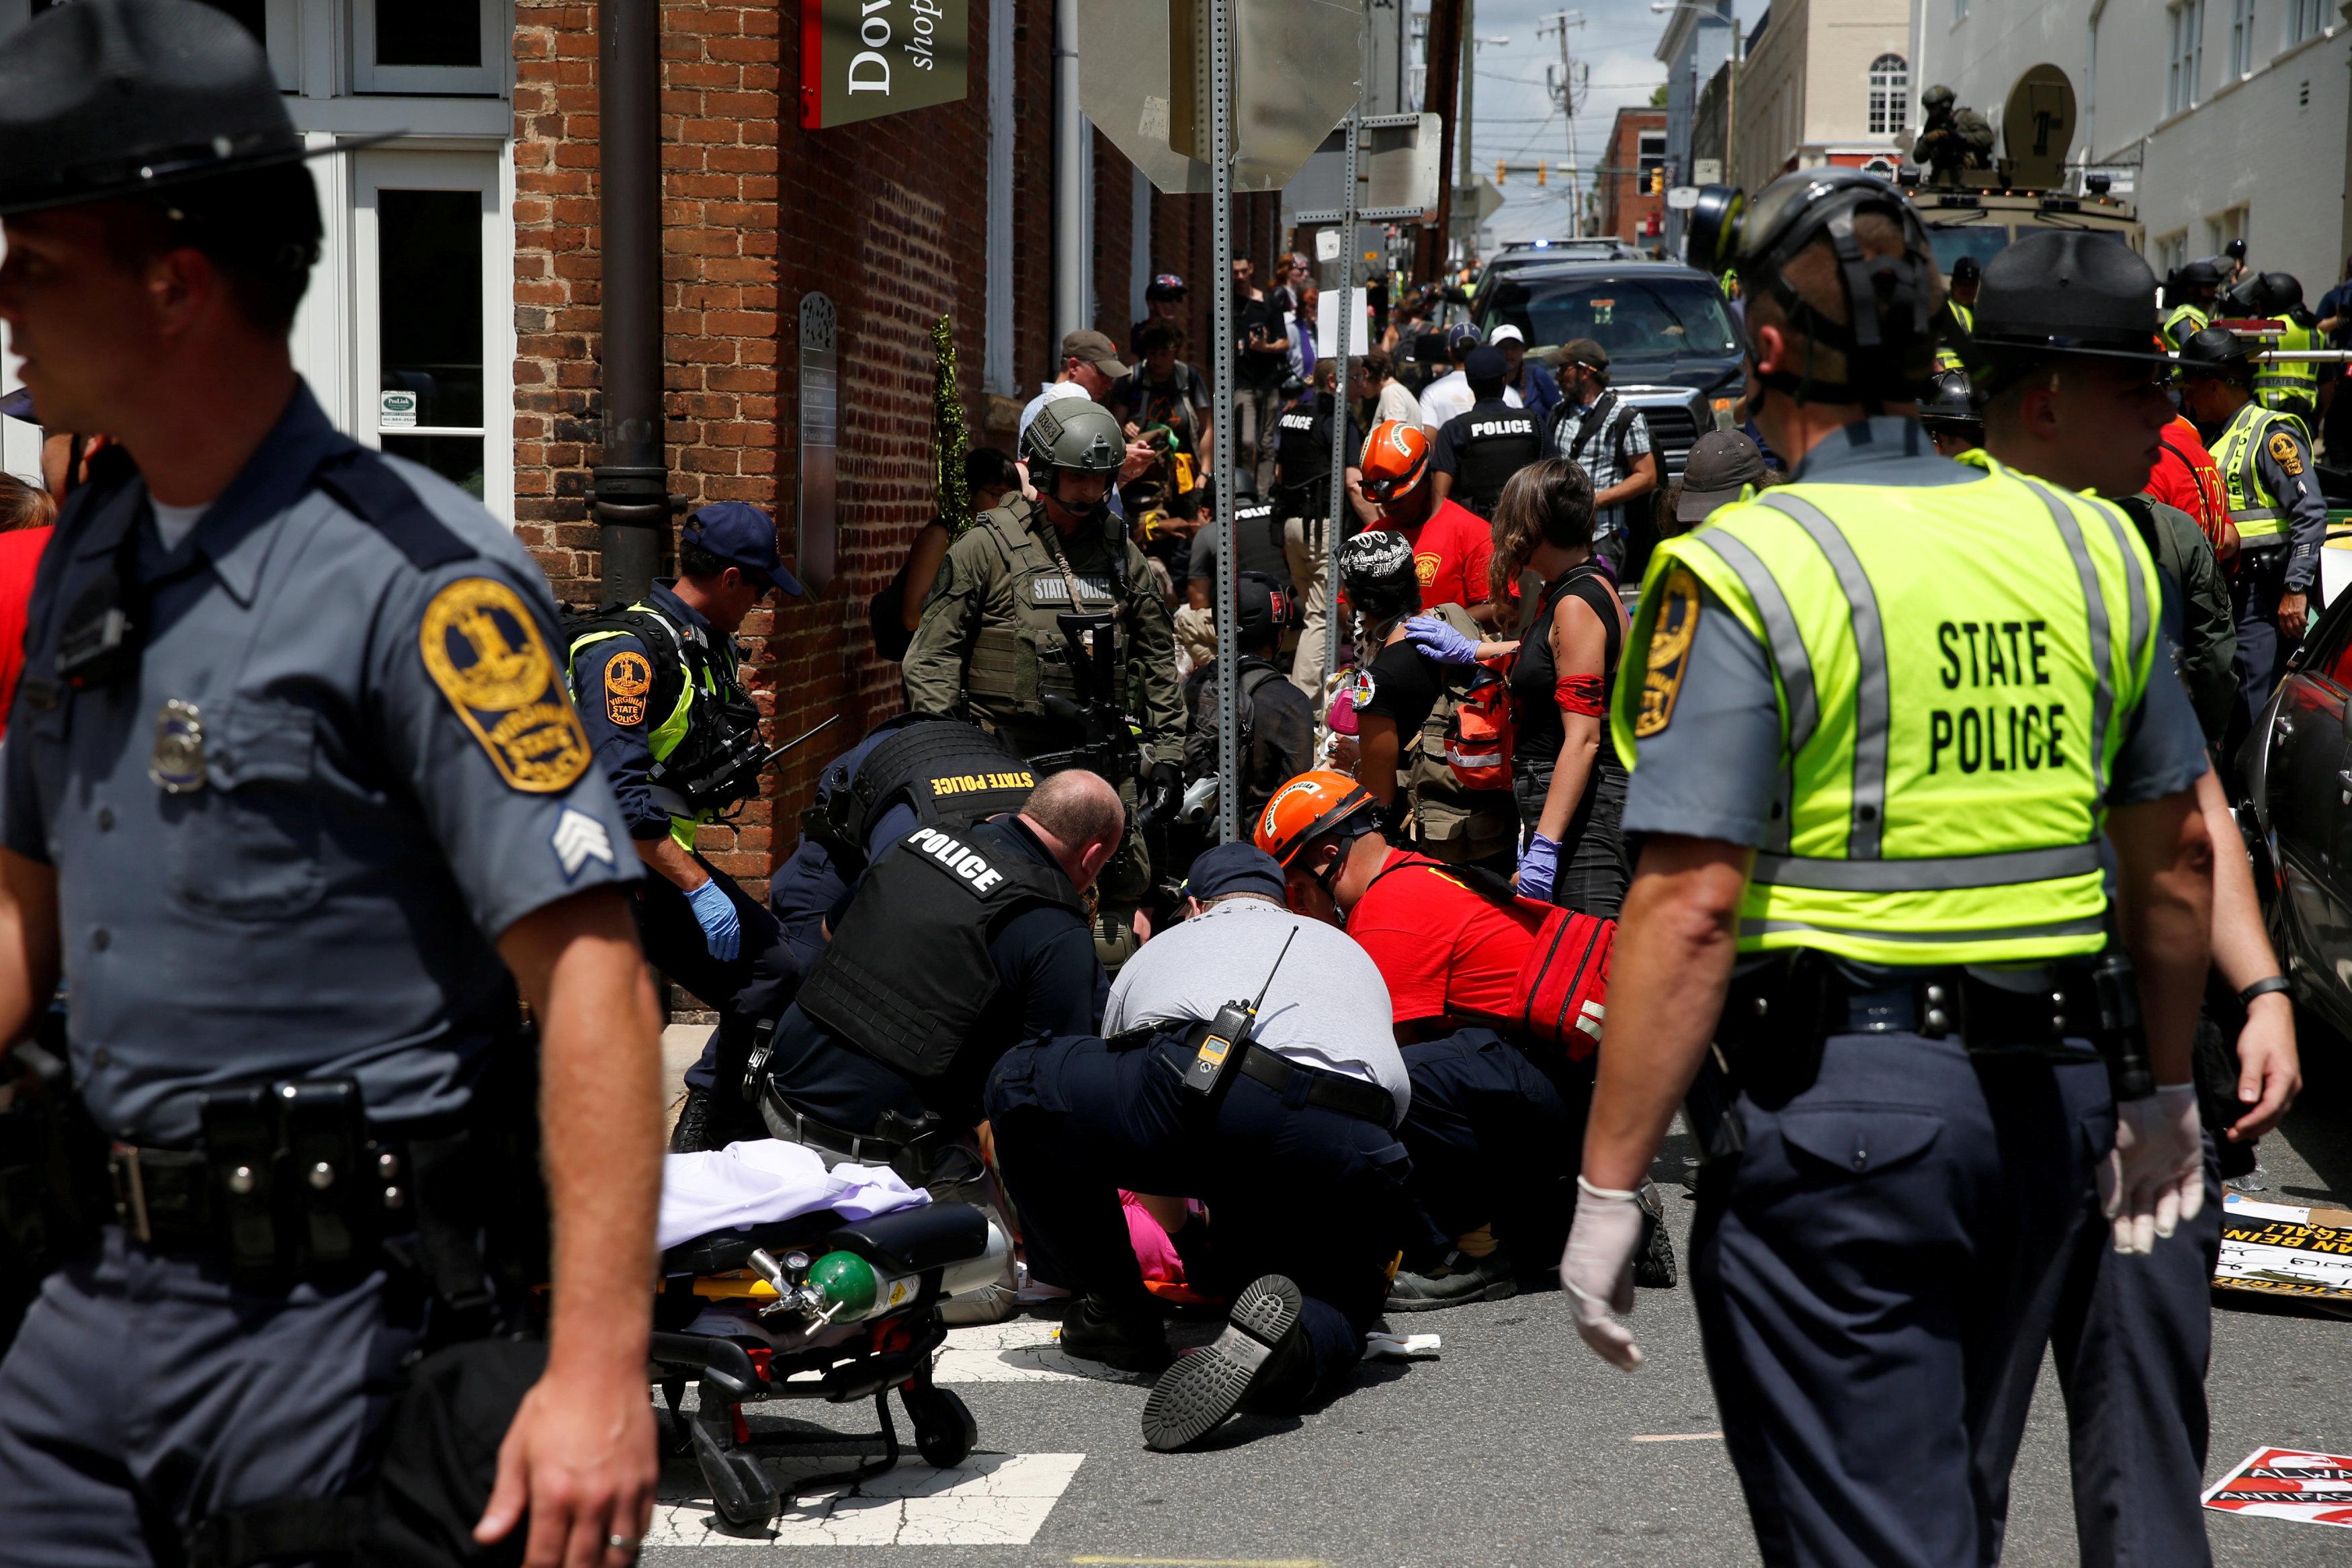 Le néonazi qui avait foncé dans la foule à Charlottesville plaide coupable de crimes à caractère